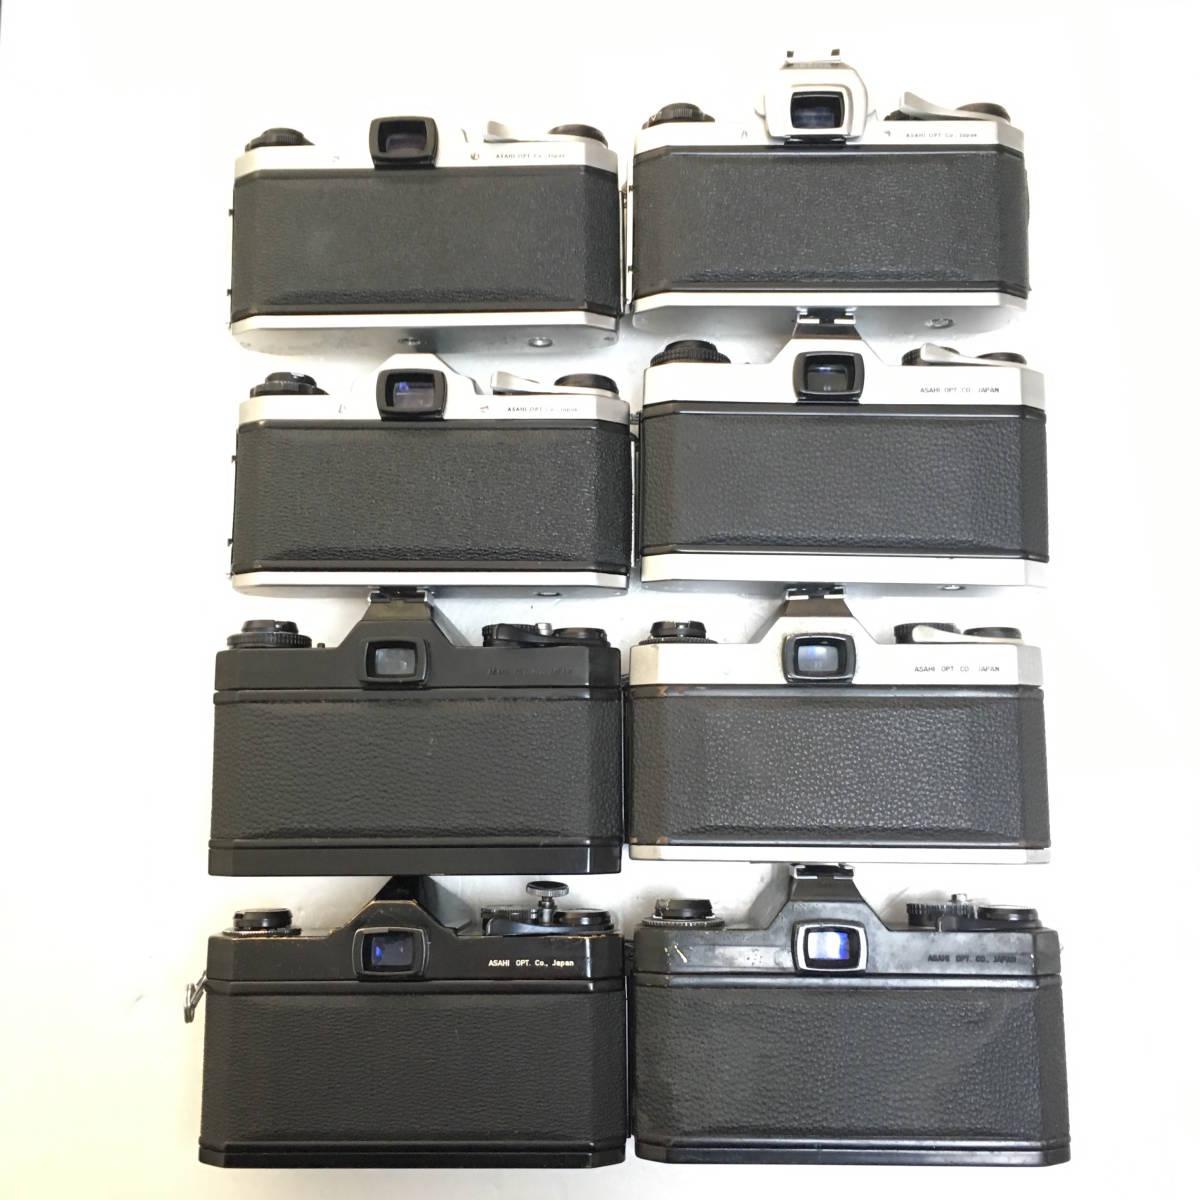 大好評! M42マウントカメラ 豪華24台セット 全てPENTAXです。 SP,SP2,SPF,SV,ES2等沢山_画像7